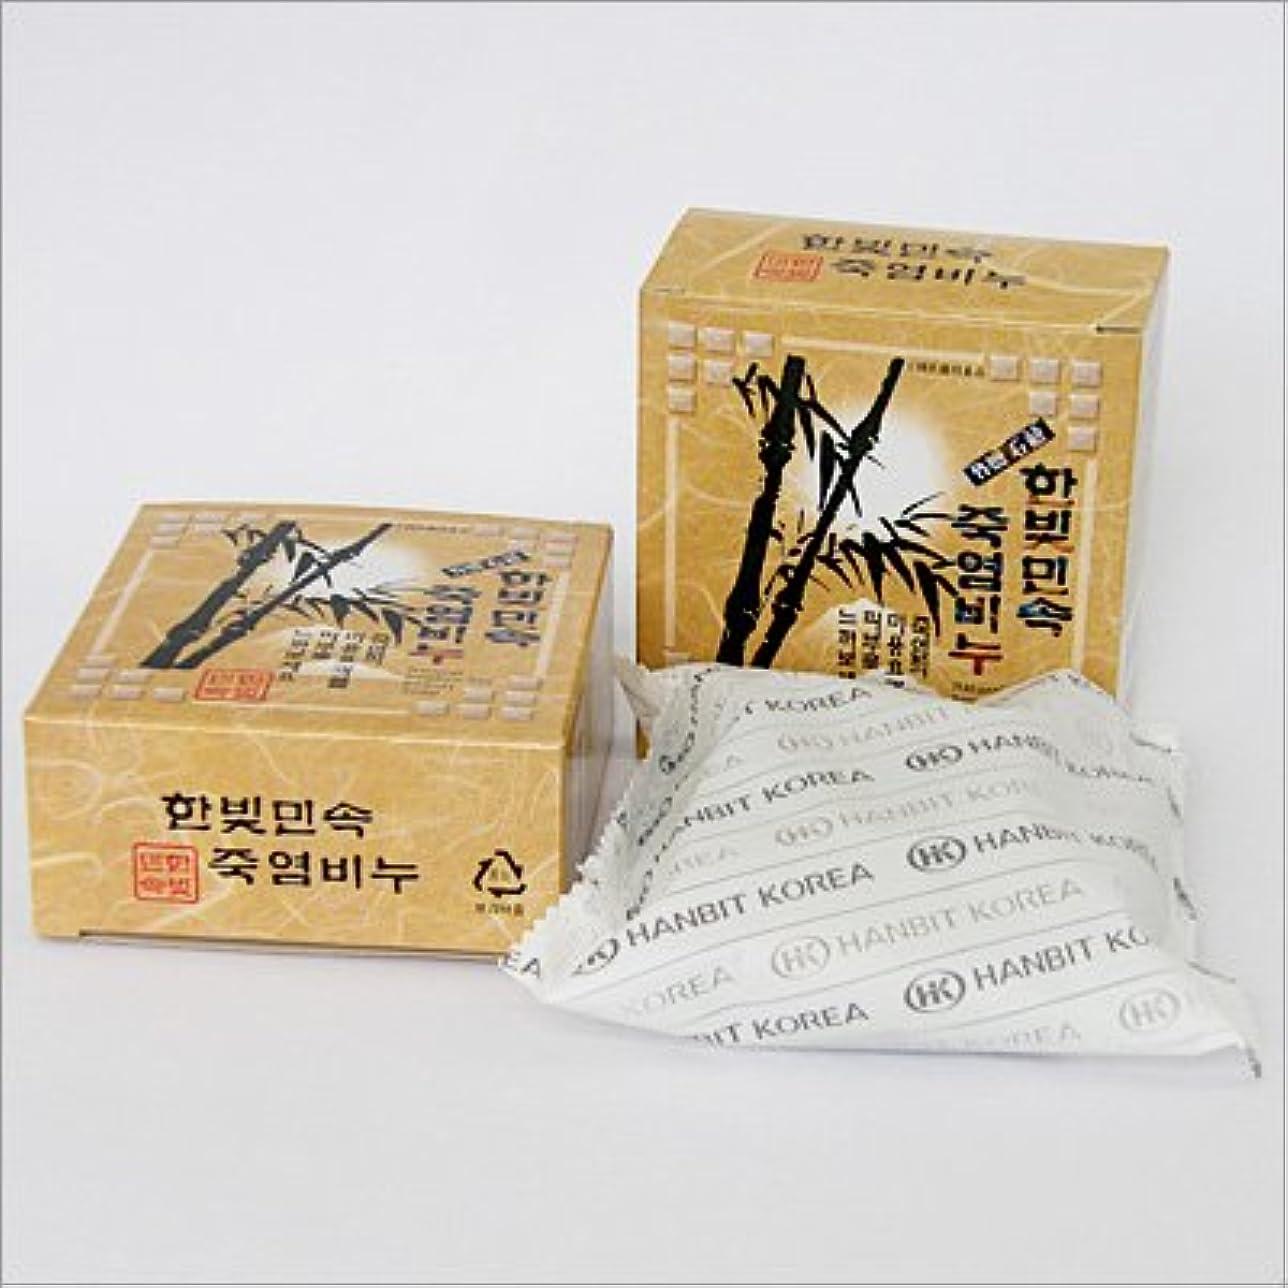 窒素終わり必要ない(韓国ブランド) 韓国直輸入』竹塩石鹸(3個×5セット)